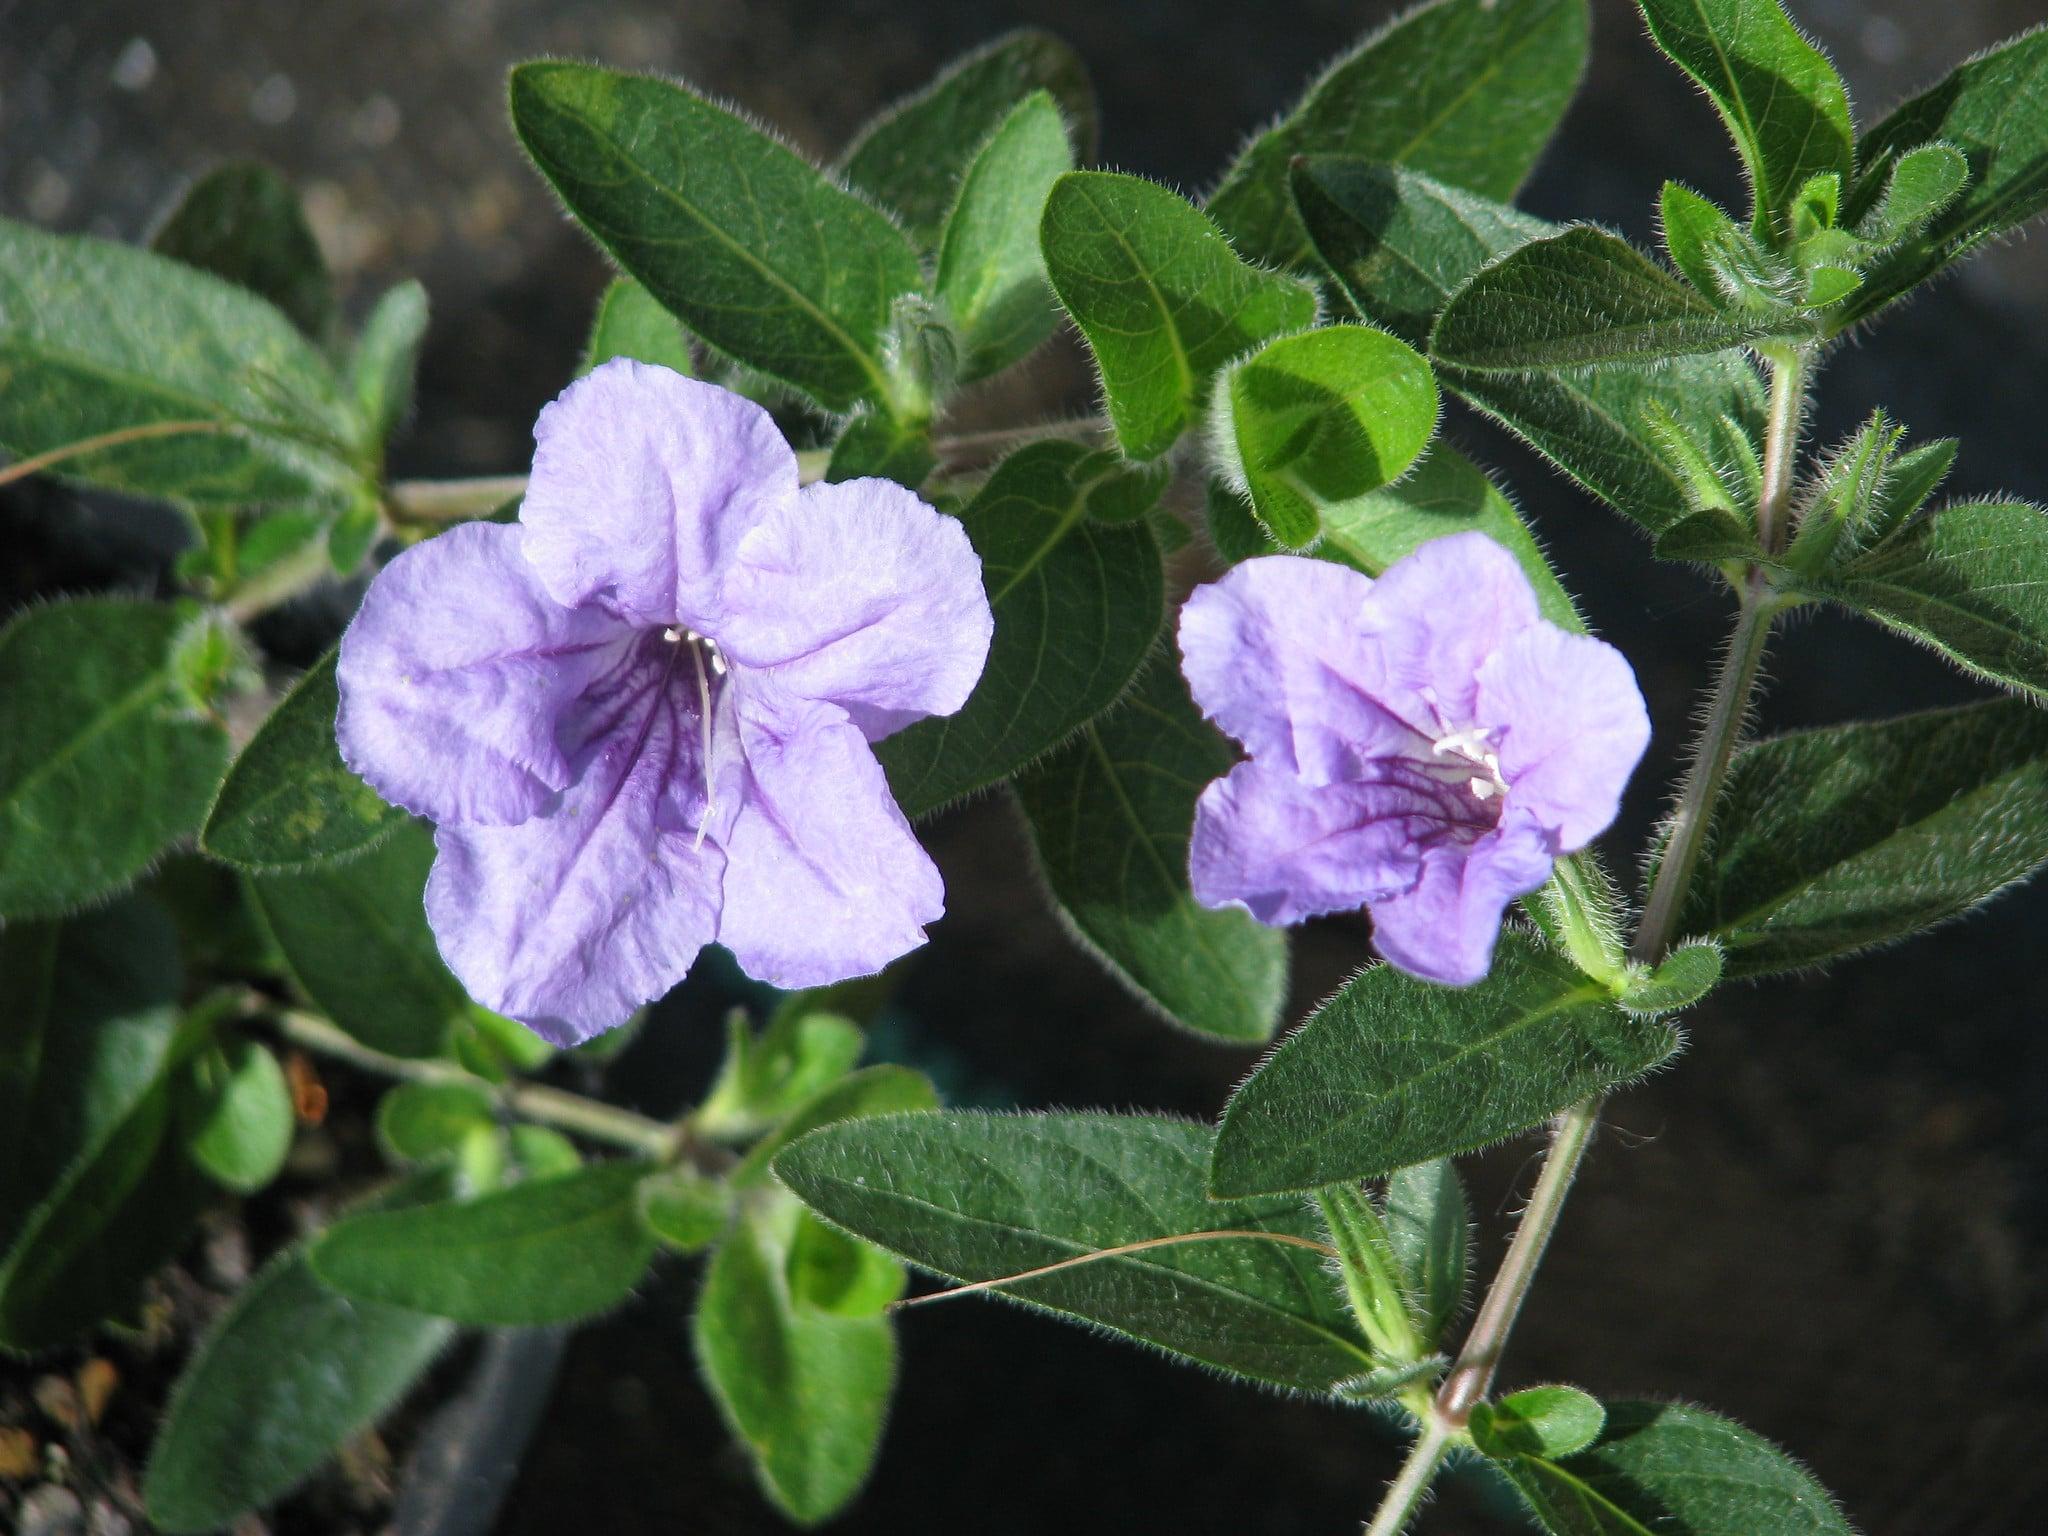 La Ruellia humilis es una planta pequeña